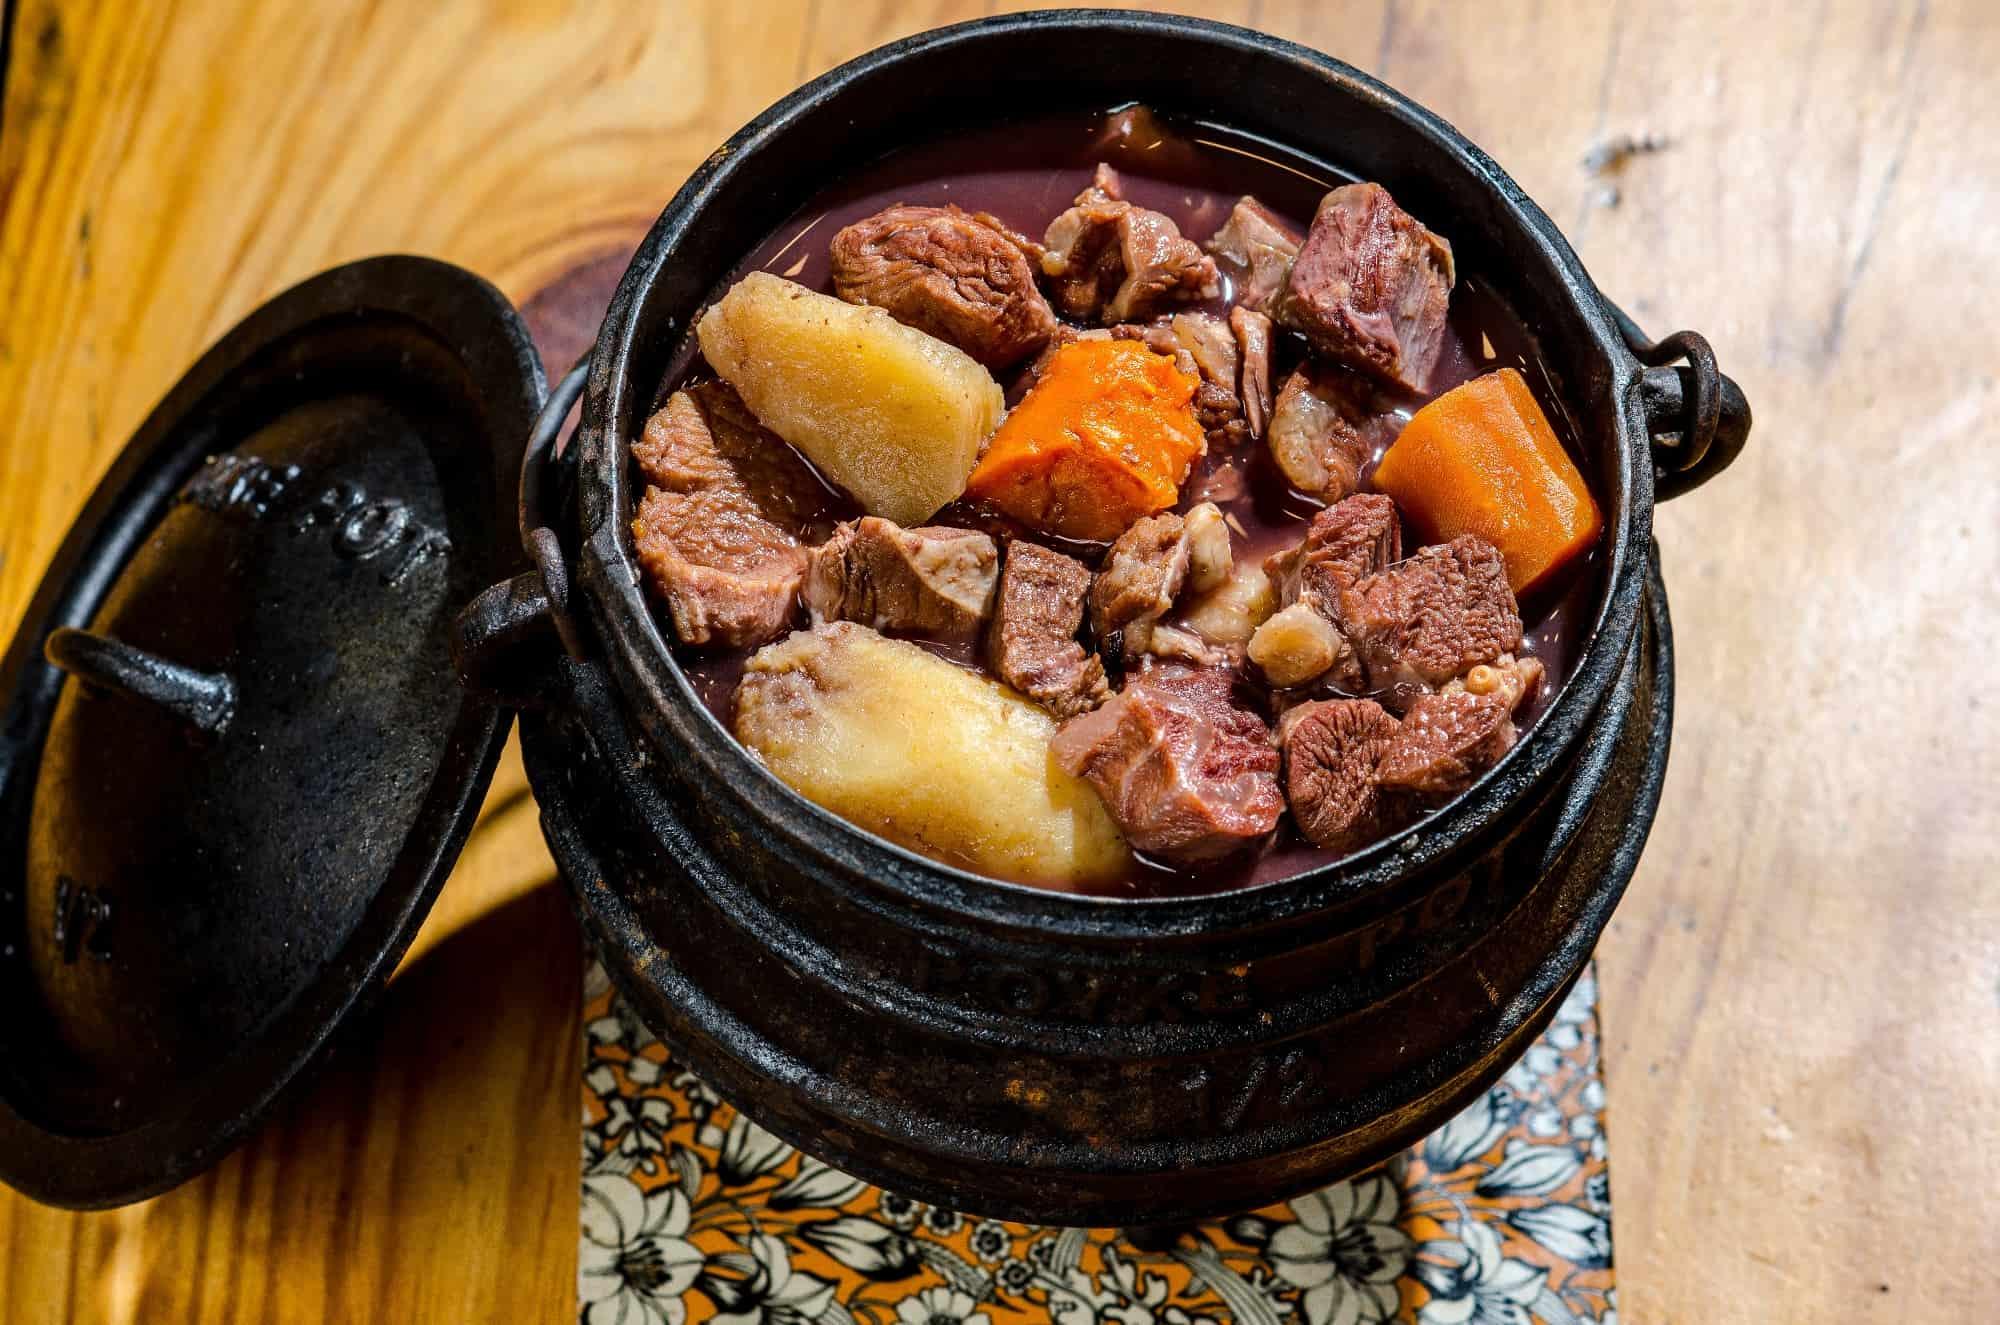 קדרת בשר צלי מעושן קלות עם ירקות שורש ויין אדום מרלו  צילום רון שלף